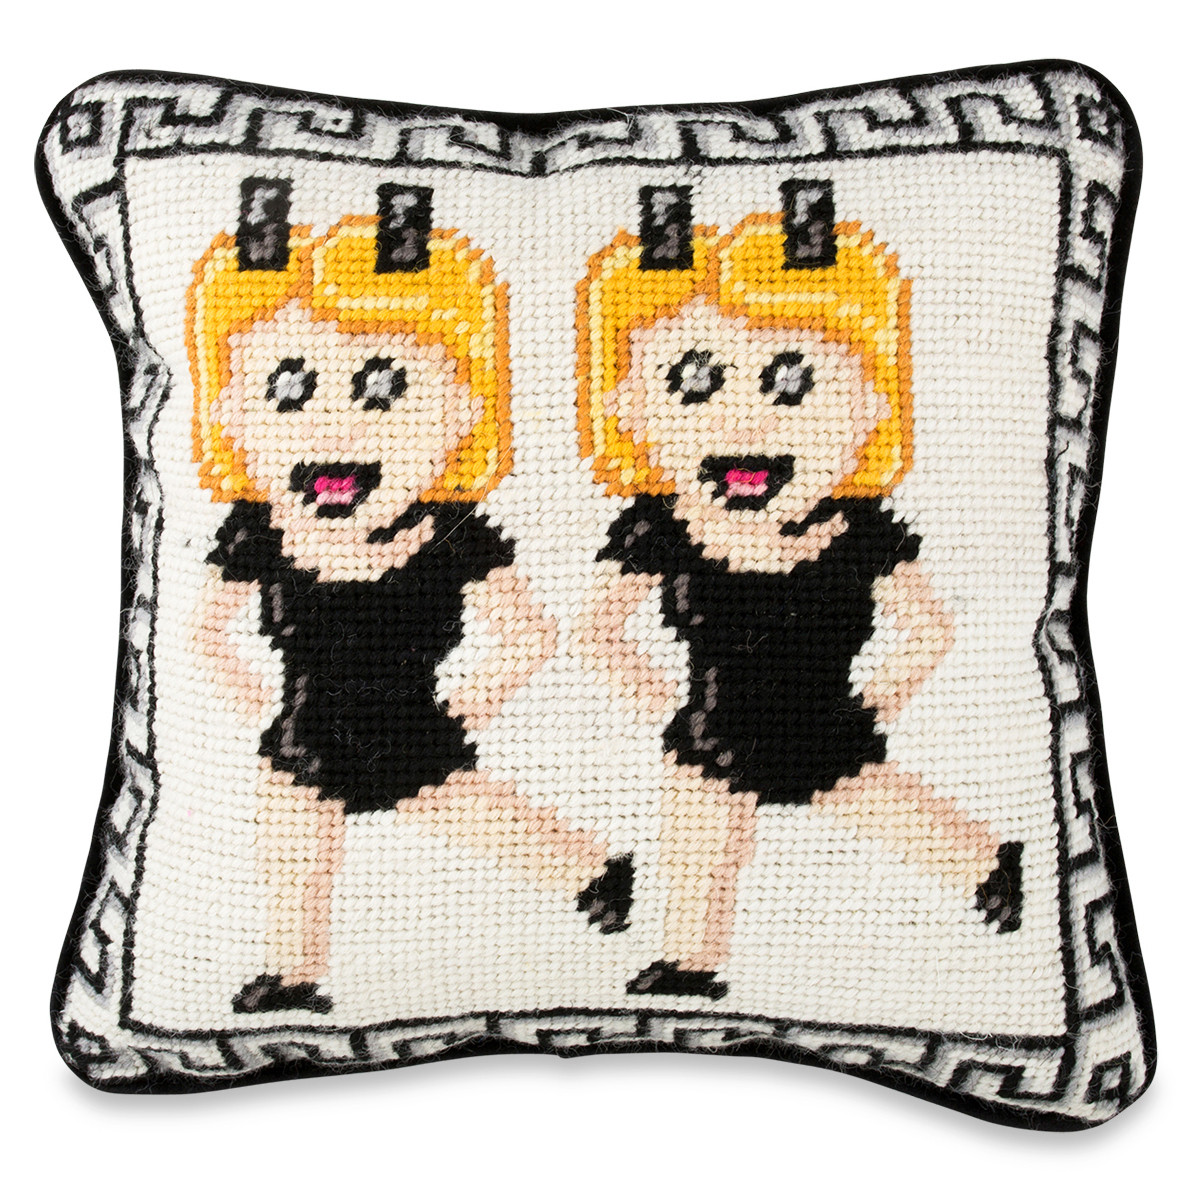 Twinning Pillow